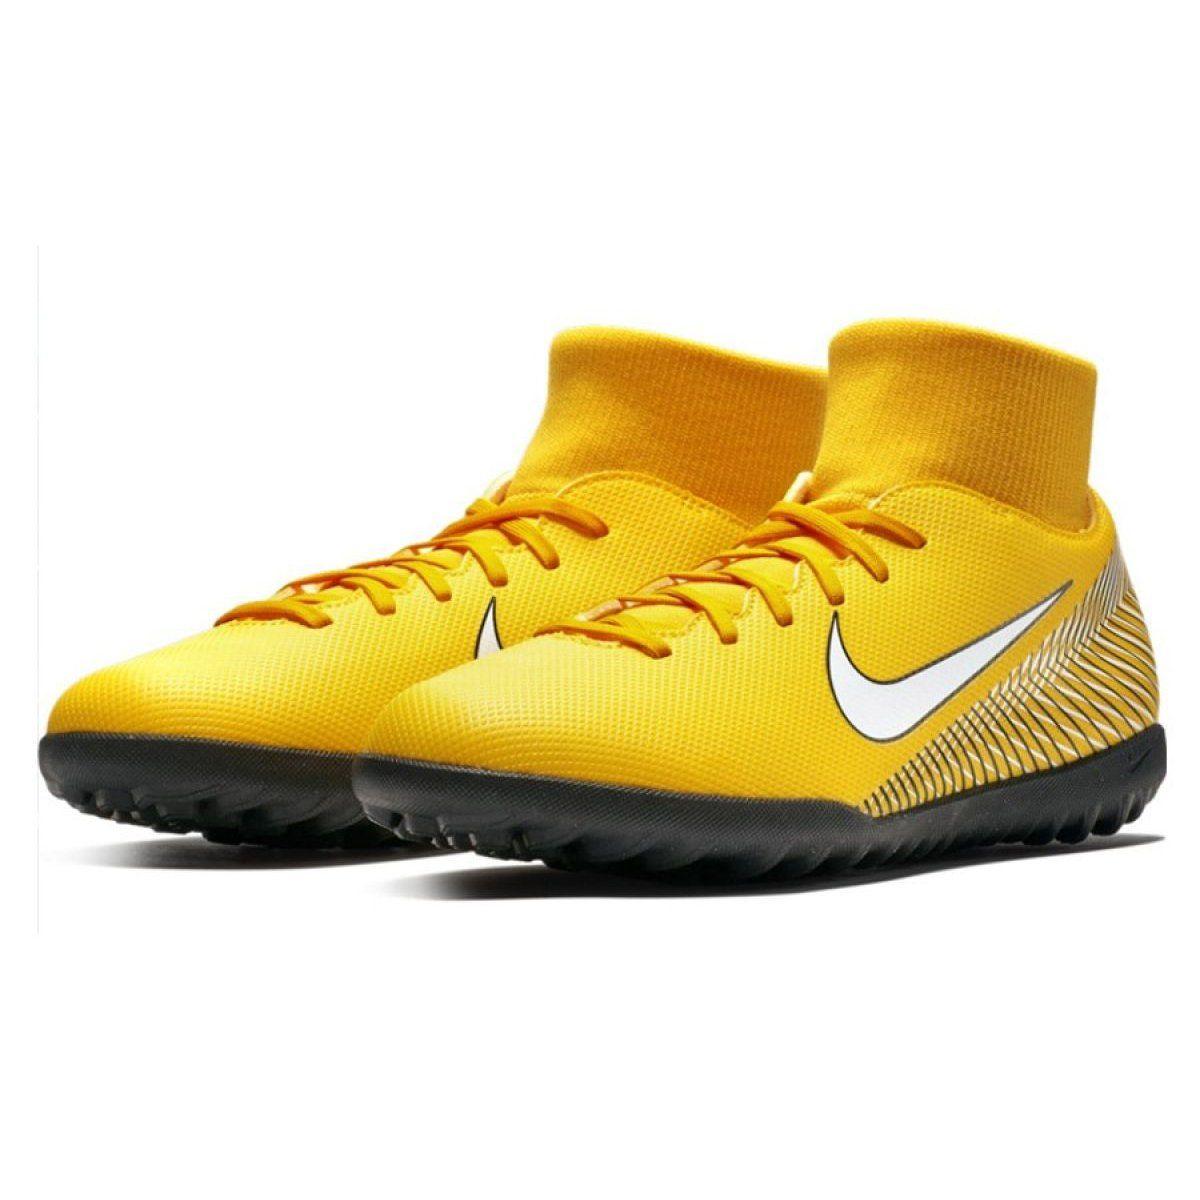 Buty Pilkarskie Nike Mercurial Neymar Superflyx 6 Club Tf M Ao3112 710 Zolte Zolte Football Shoes Nike Football Neymar Football